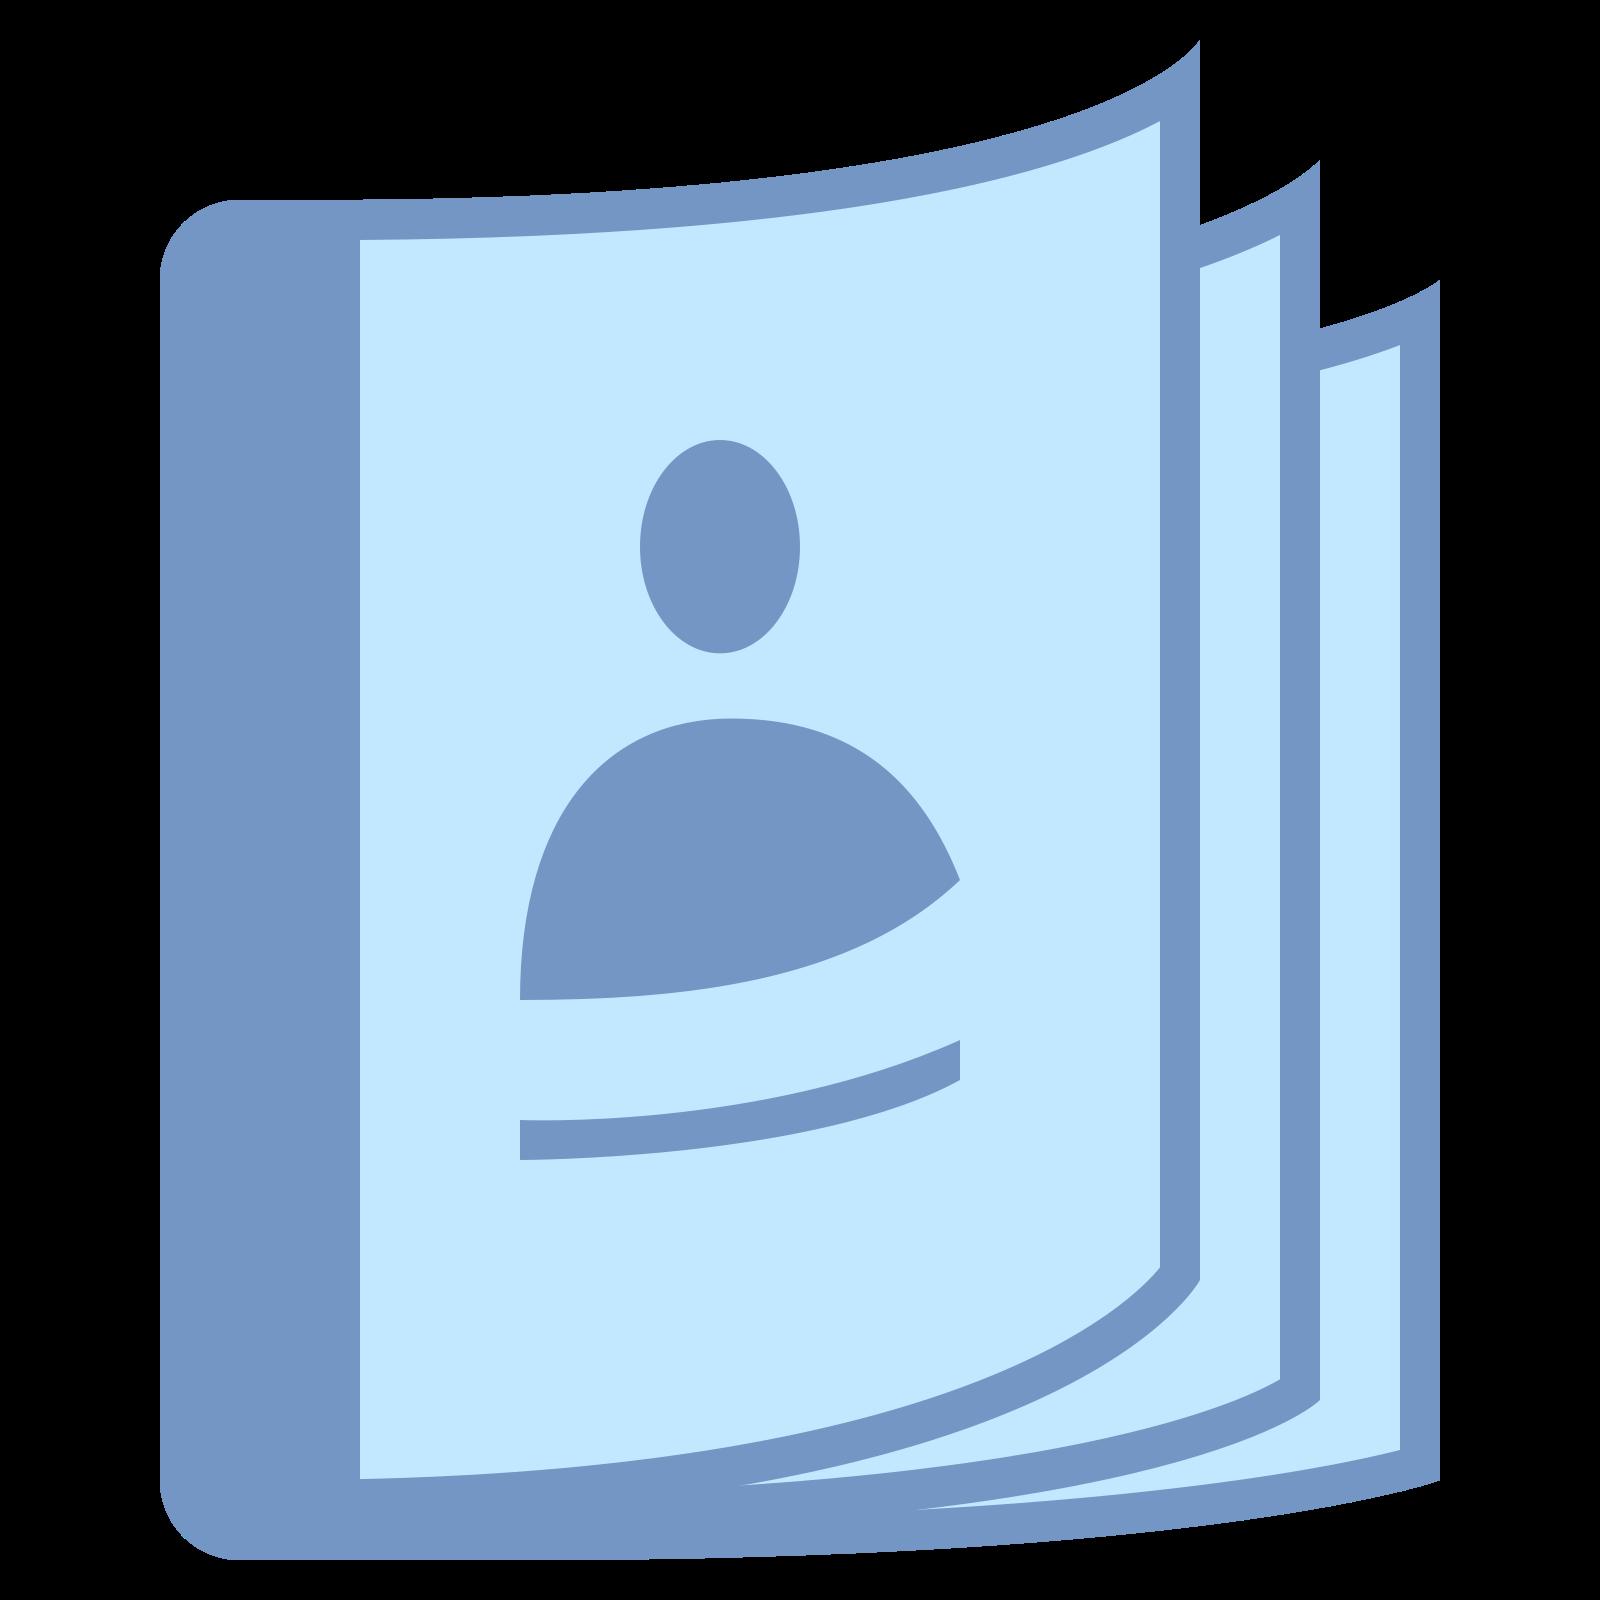 雑誌 icon